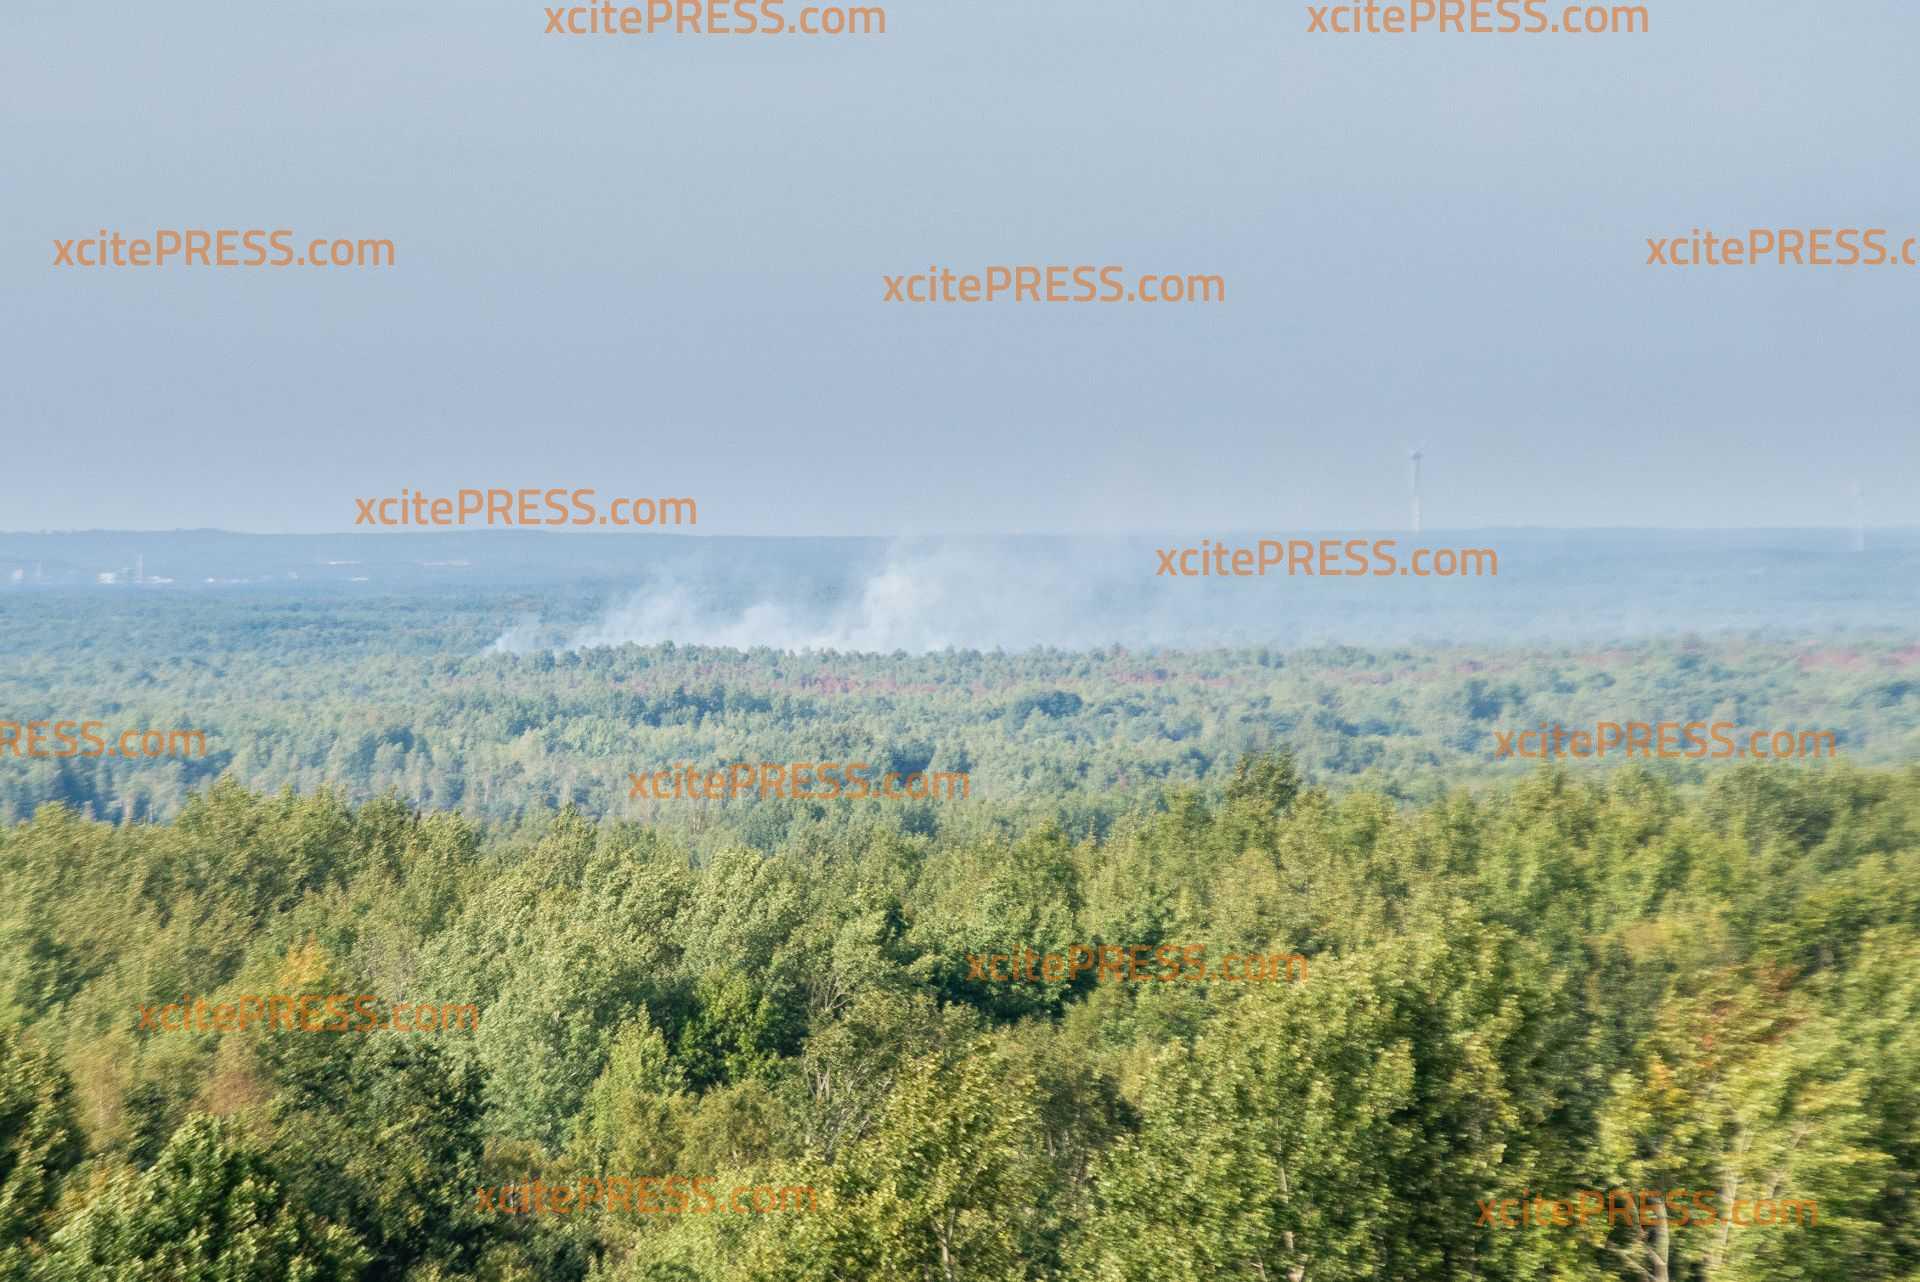 260 Hektar Waldbrand - Größter Waldbrand bei Schwepnitz erneut außer Kontrolle: Wind facht die Flammen immer wieder an